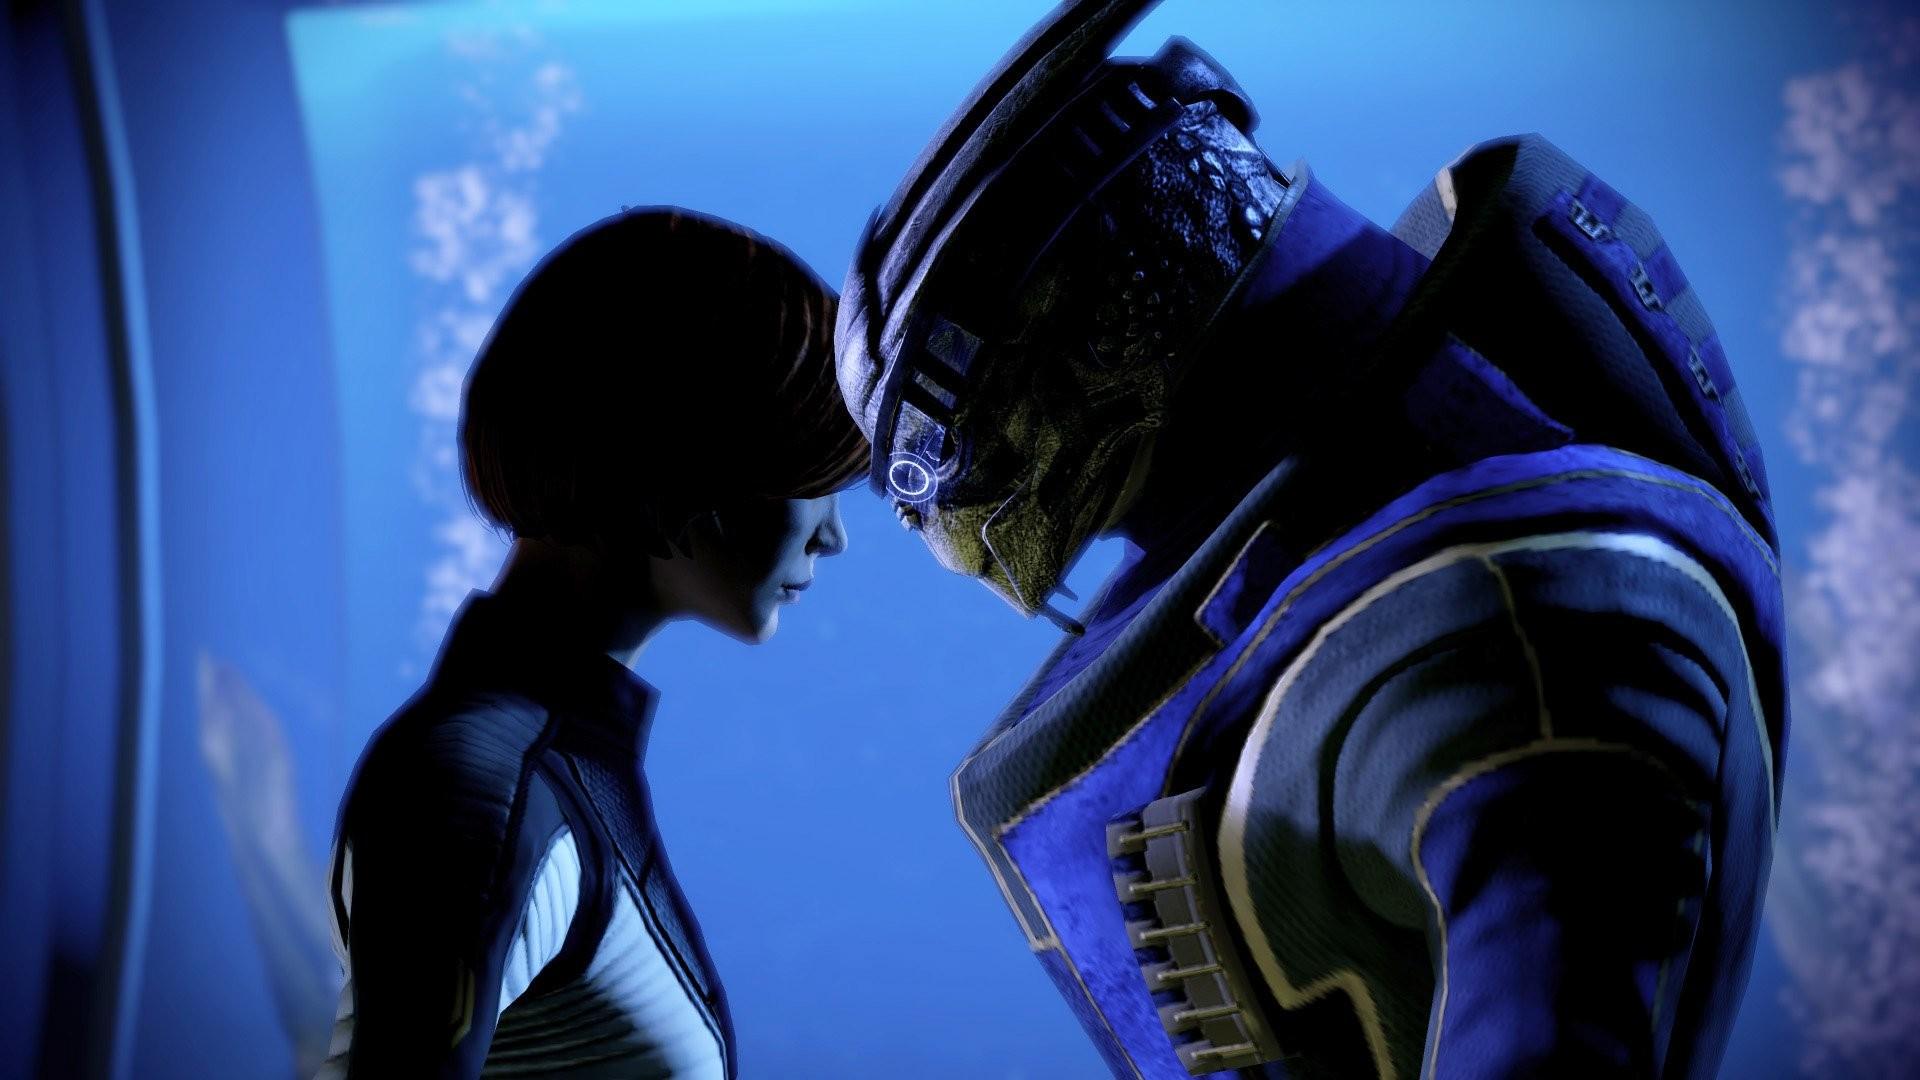 Video games Mass Effect Garrus Vakarian FemShep Commander Shepard wallpaper  | | 294515 | WallpaperUP